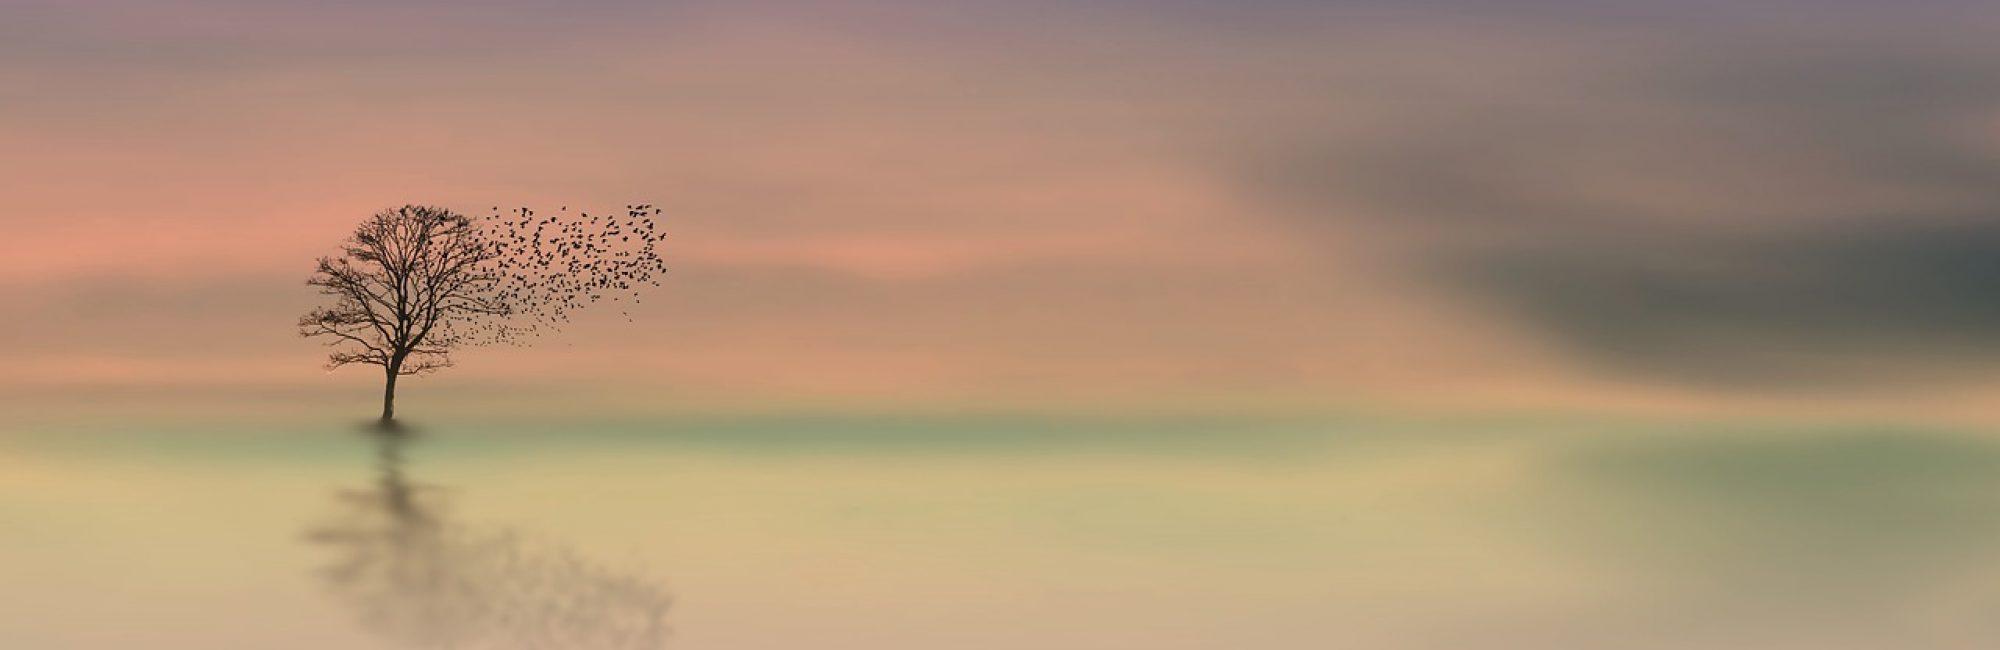 dawn-3358468_1280[1]